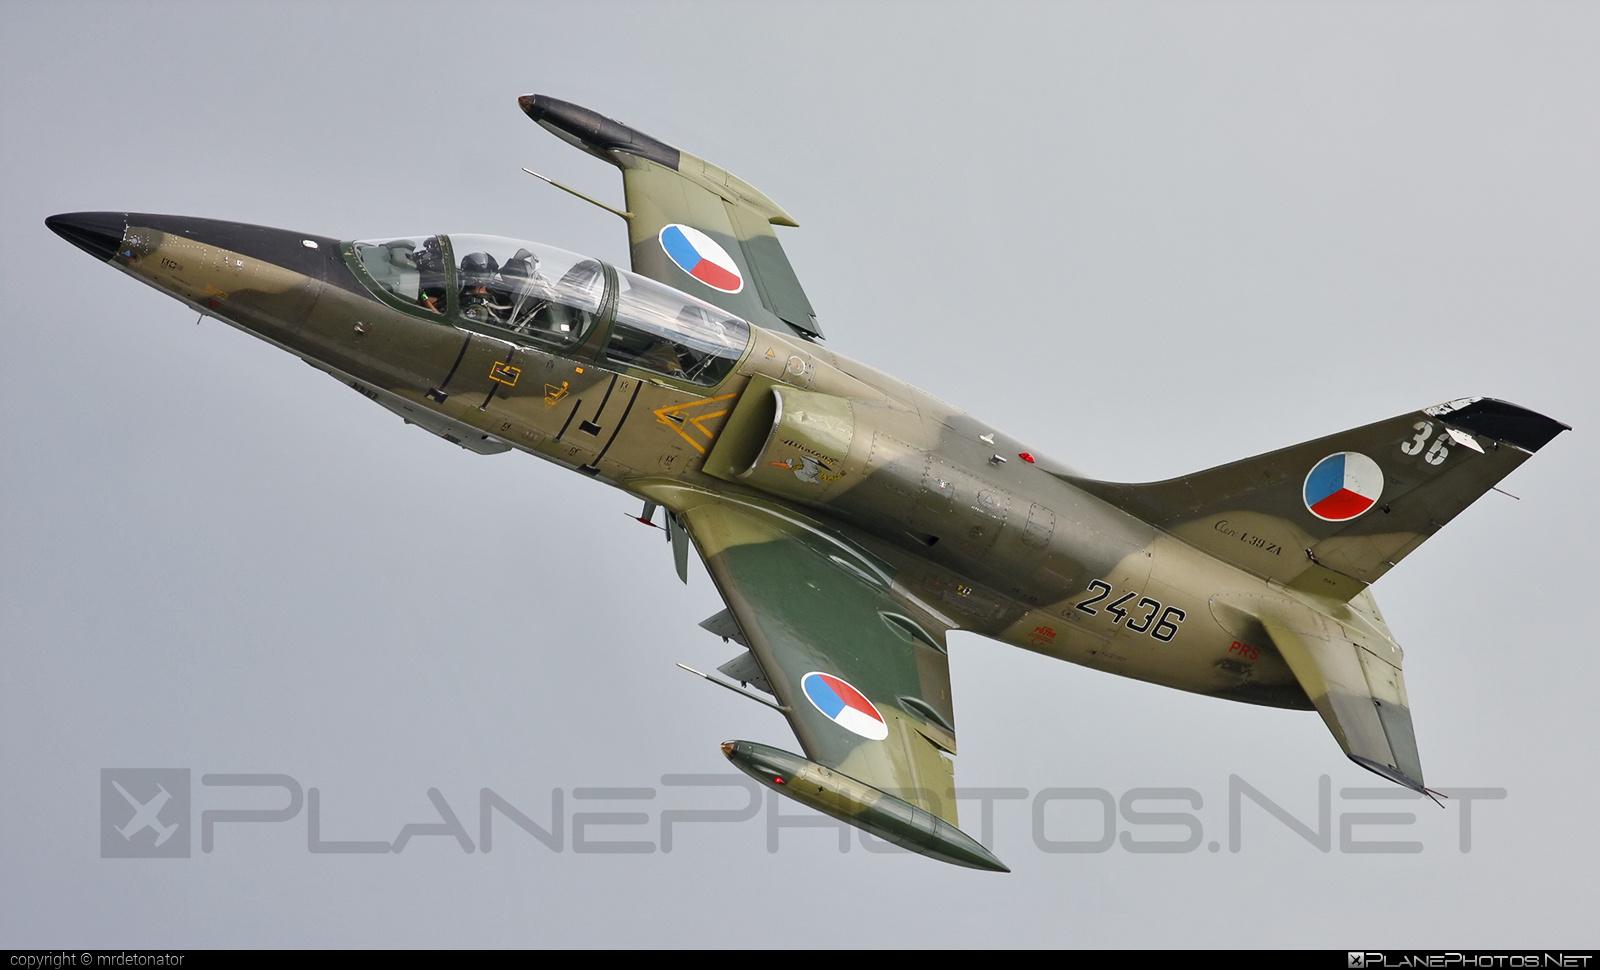 Aero L-39ZA Albatros - 2436 operated by Vzdušné síly AČR (Czech Air Force) #aero #aerol39 #aerol39albatros #aerol39zaalbatros #albatros #czechairforce #l39 #l39za #l39zaalbatros #vzdusnesilyacr